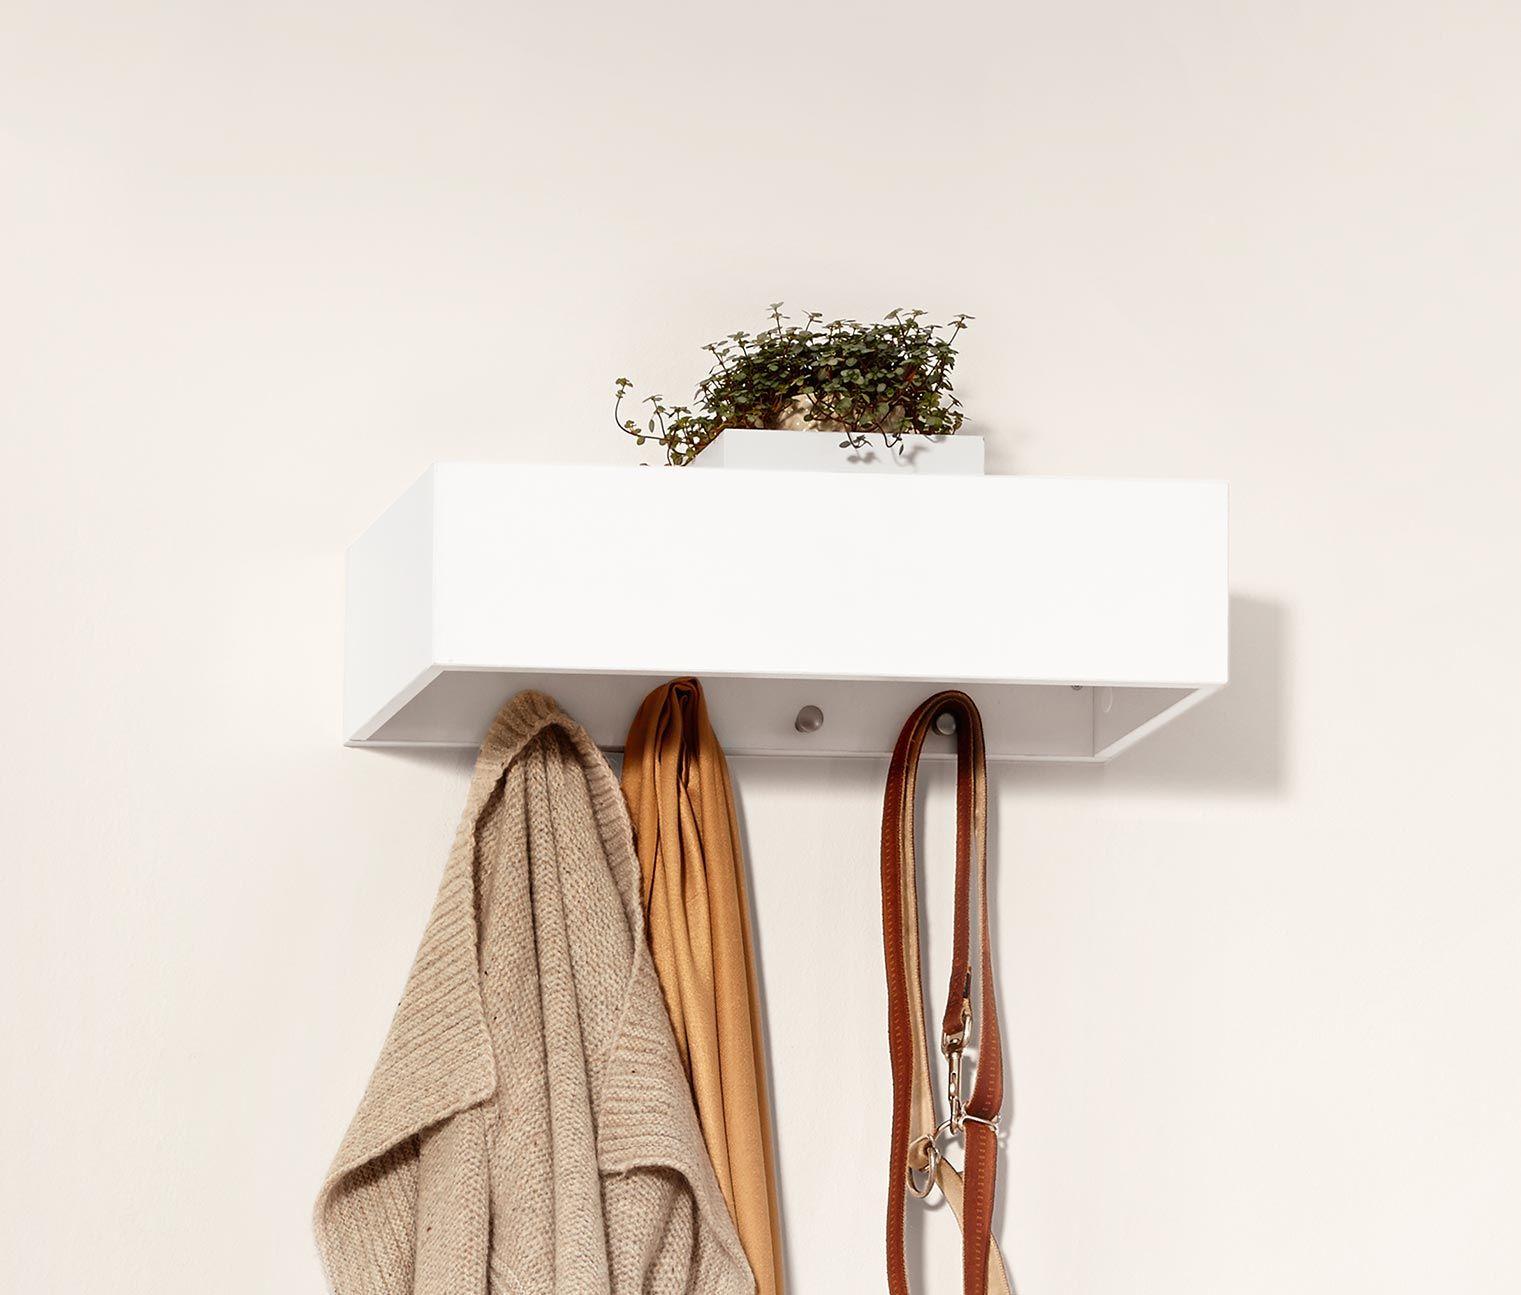 Wandgarderobe Mit Vier Haken Einem Verdeckten Magnethalter Fur